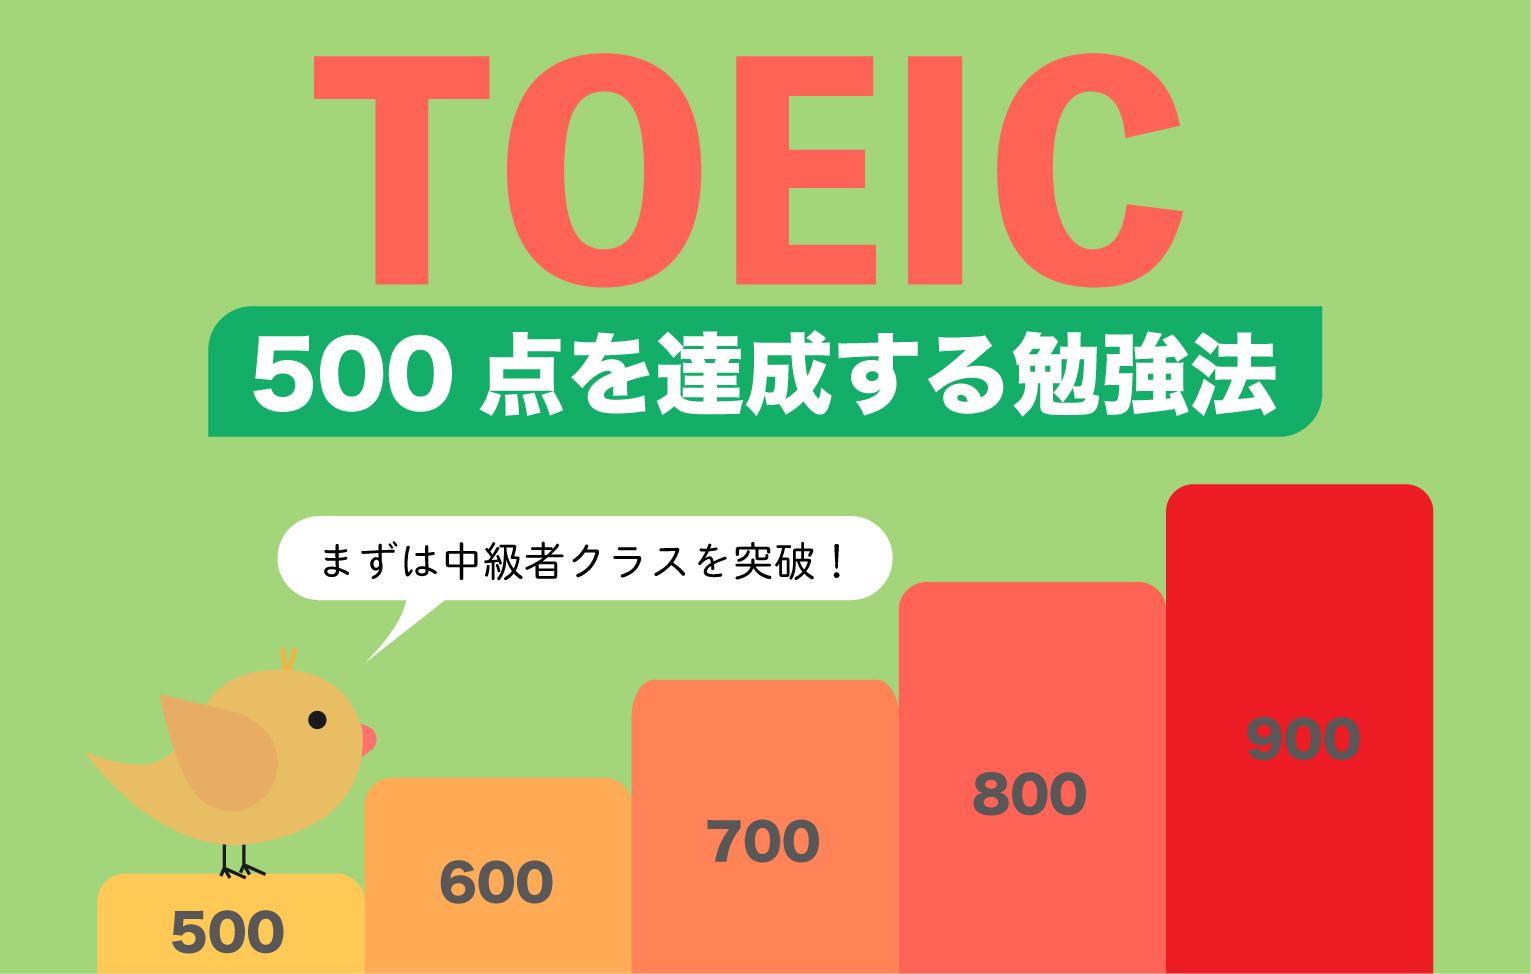 TOEIC500点を達成するための勉強法【低スコアをブレイクスルー】